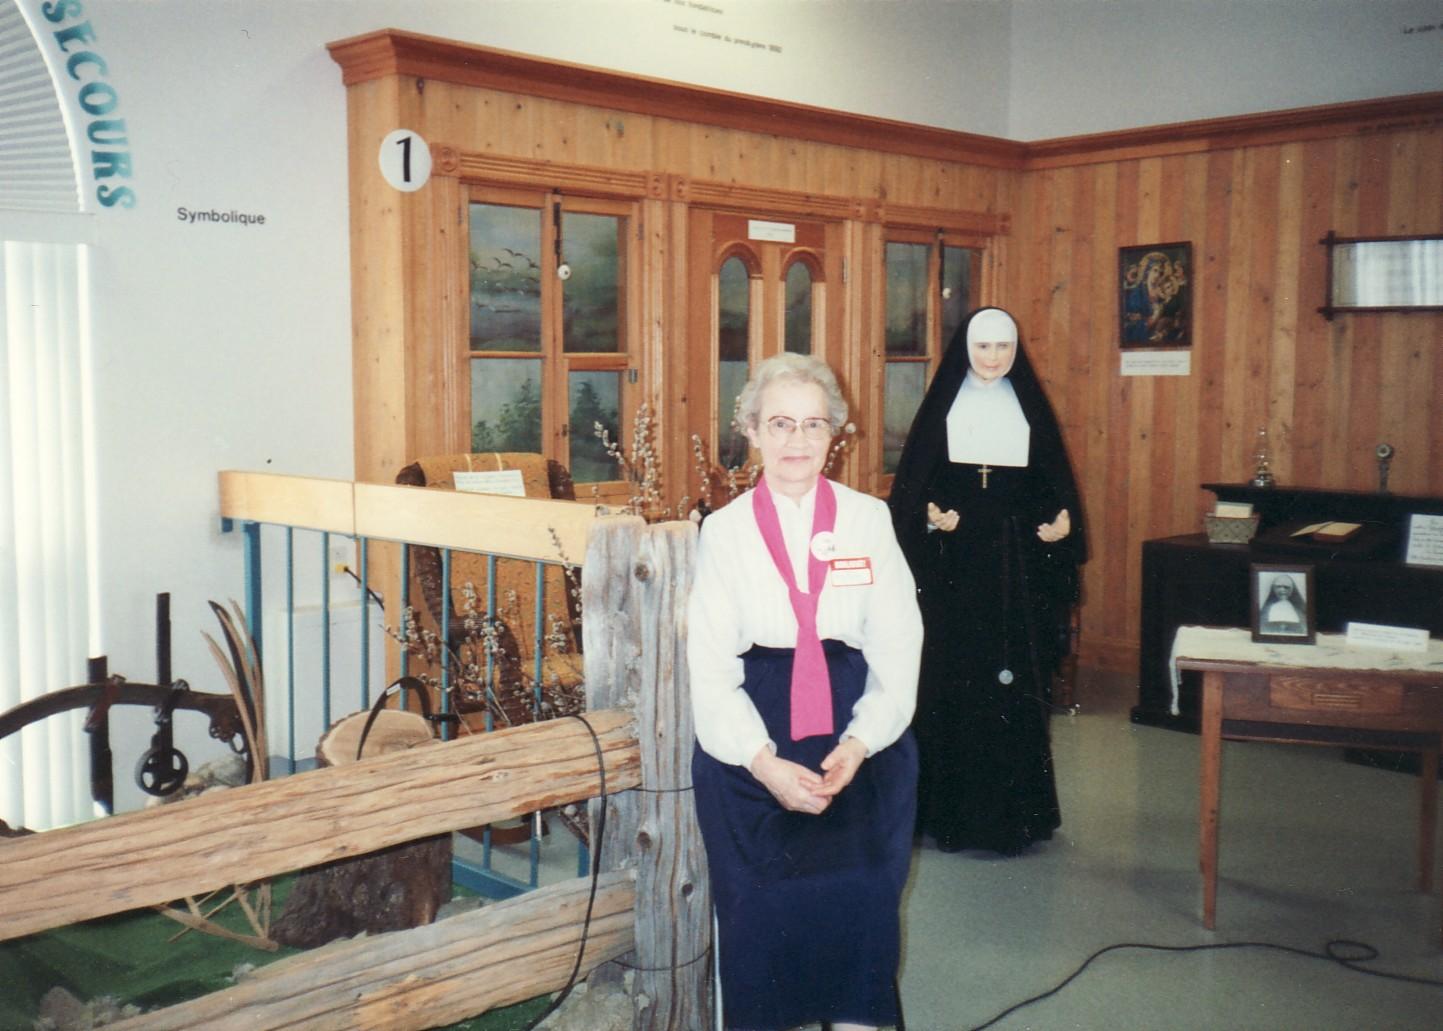 Hermana Marie-Berthe Lavertu en la entrada del Centro histórico